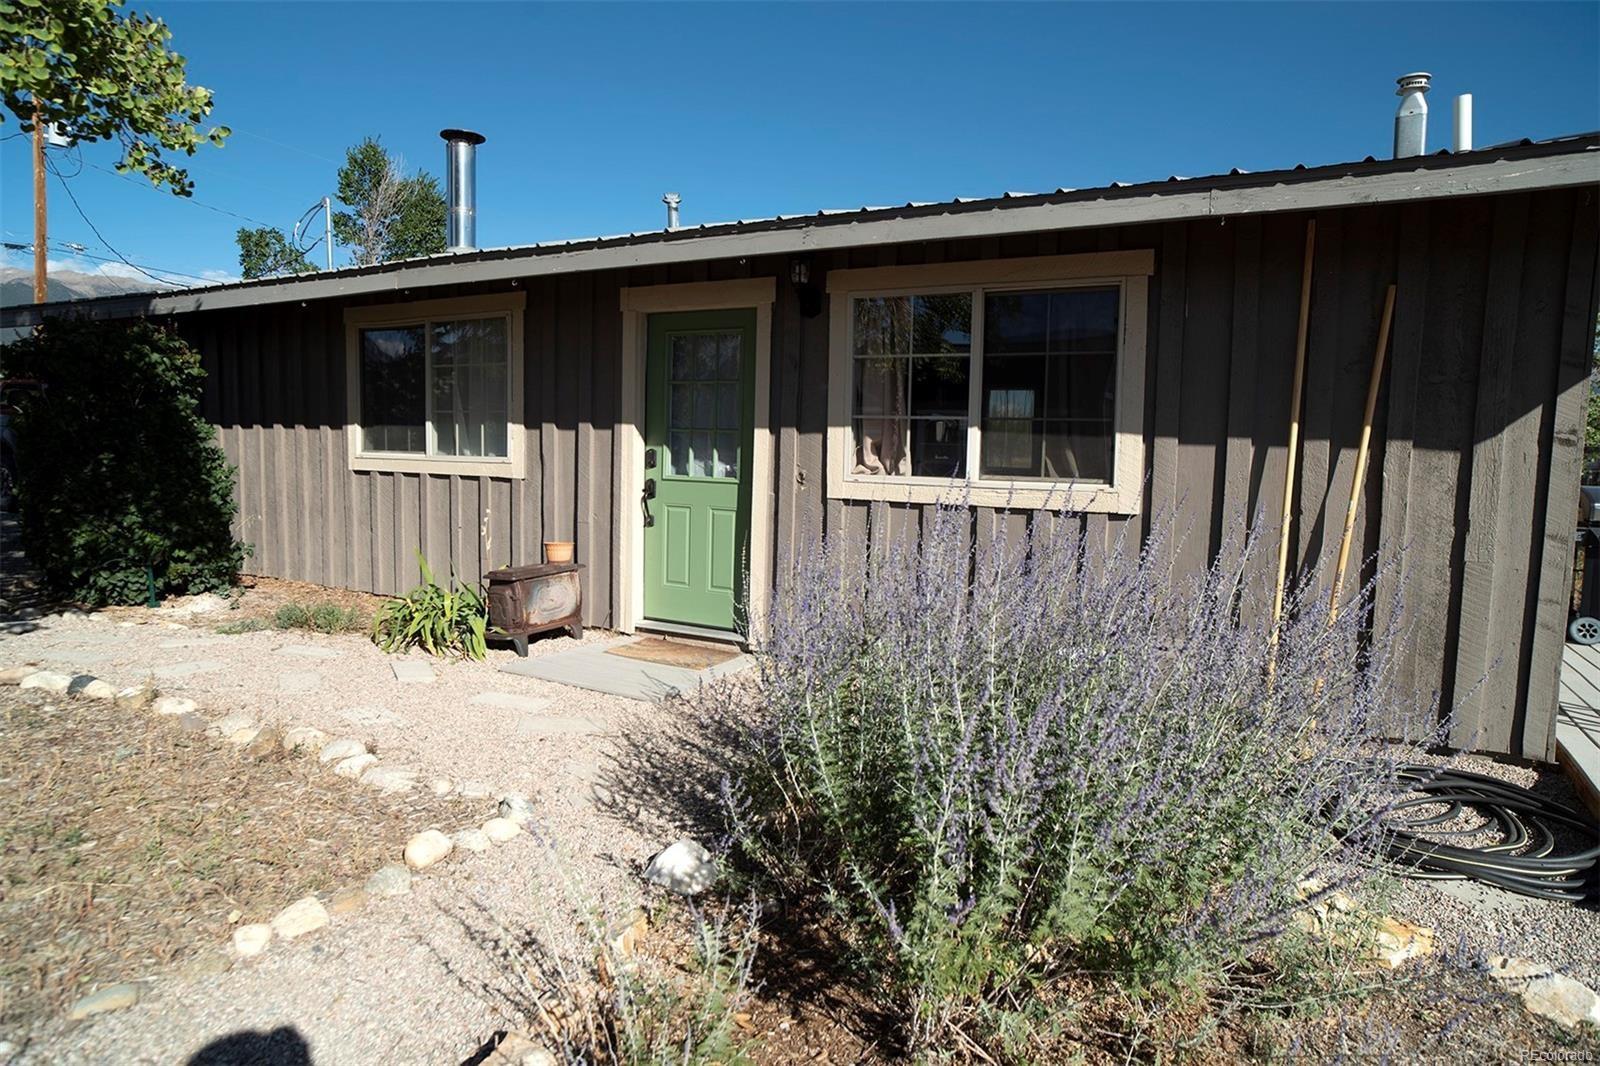 MLS# 4848354 - 8 - 29850 County Road 355 , Buena Vista, CO 81211